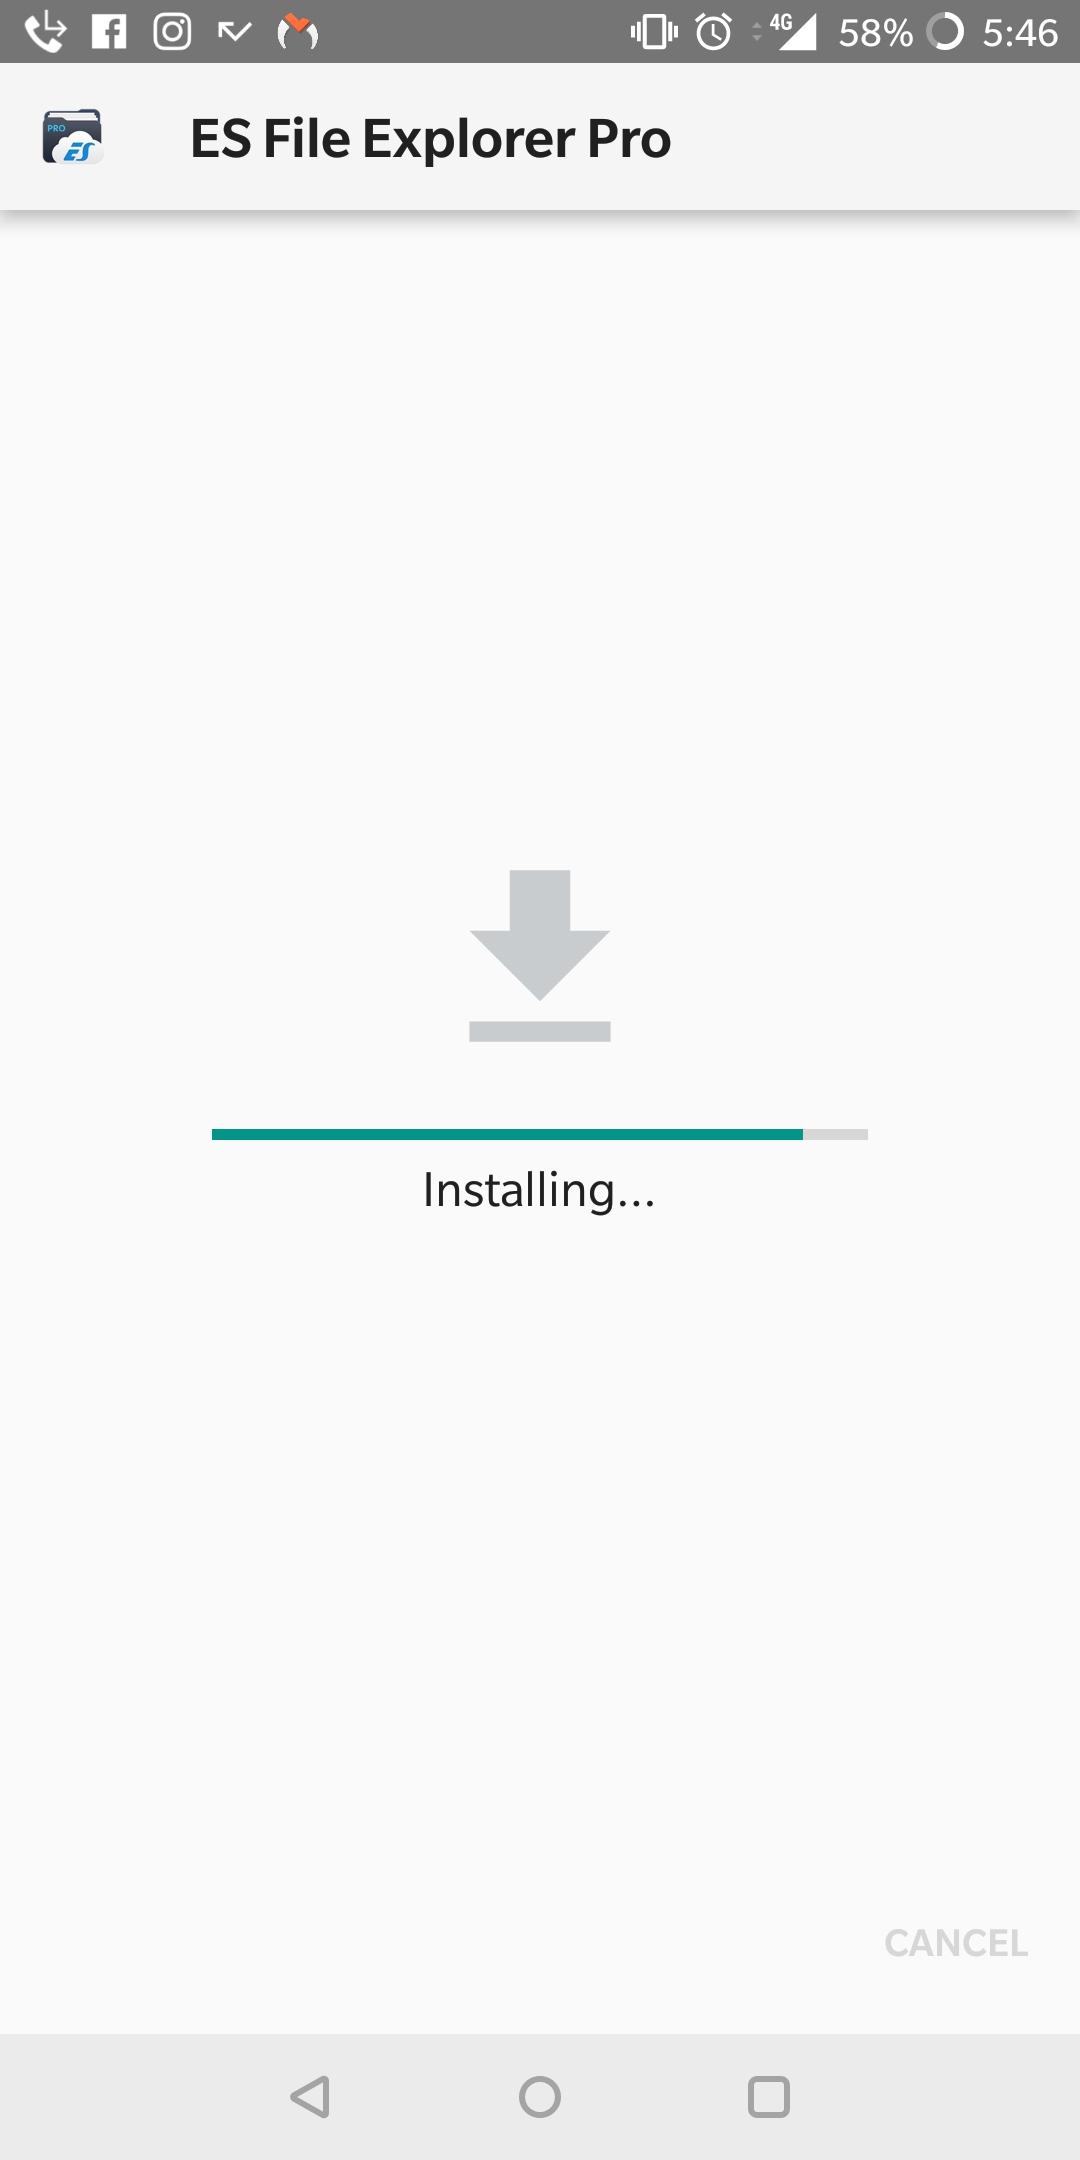 ES File Explorer Pro Apk v1 1 4,1 Download for Android